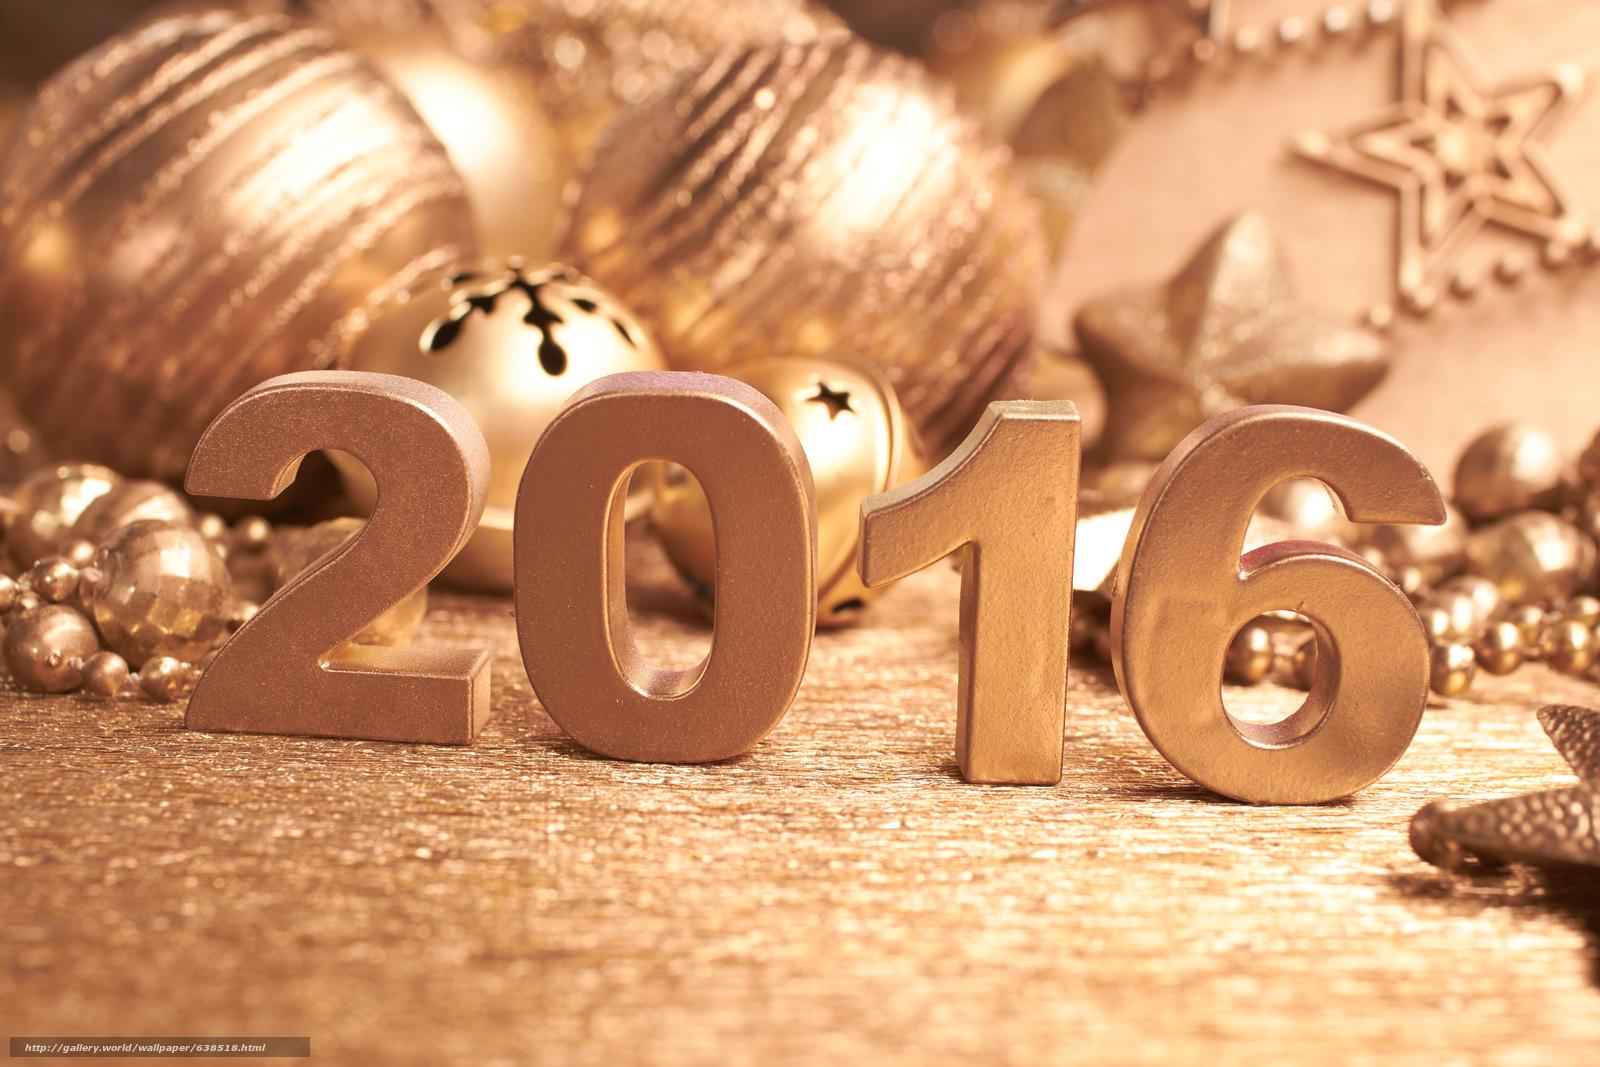 Обои для стола новый год 2016